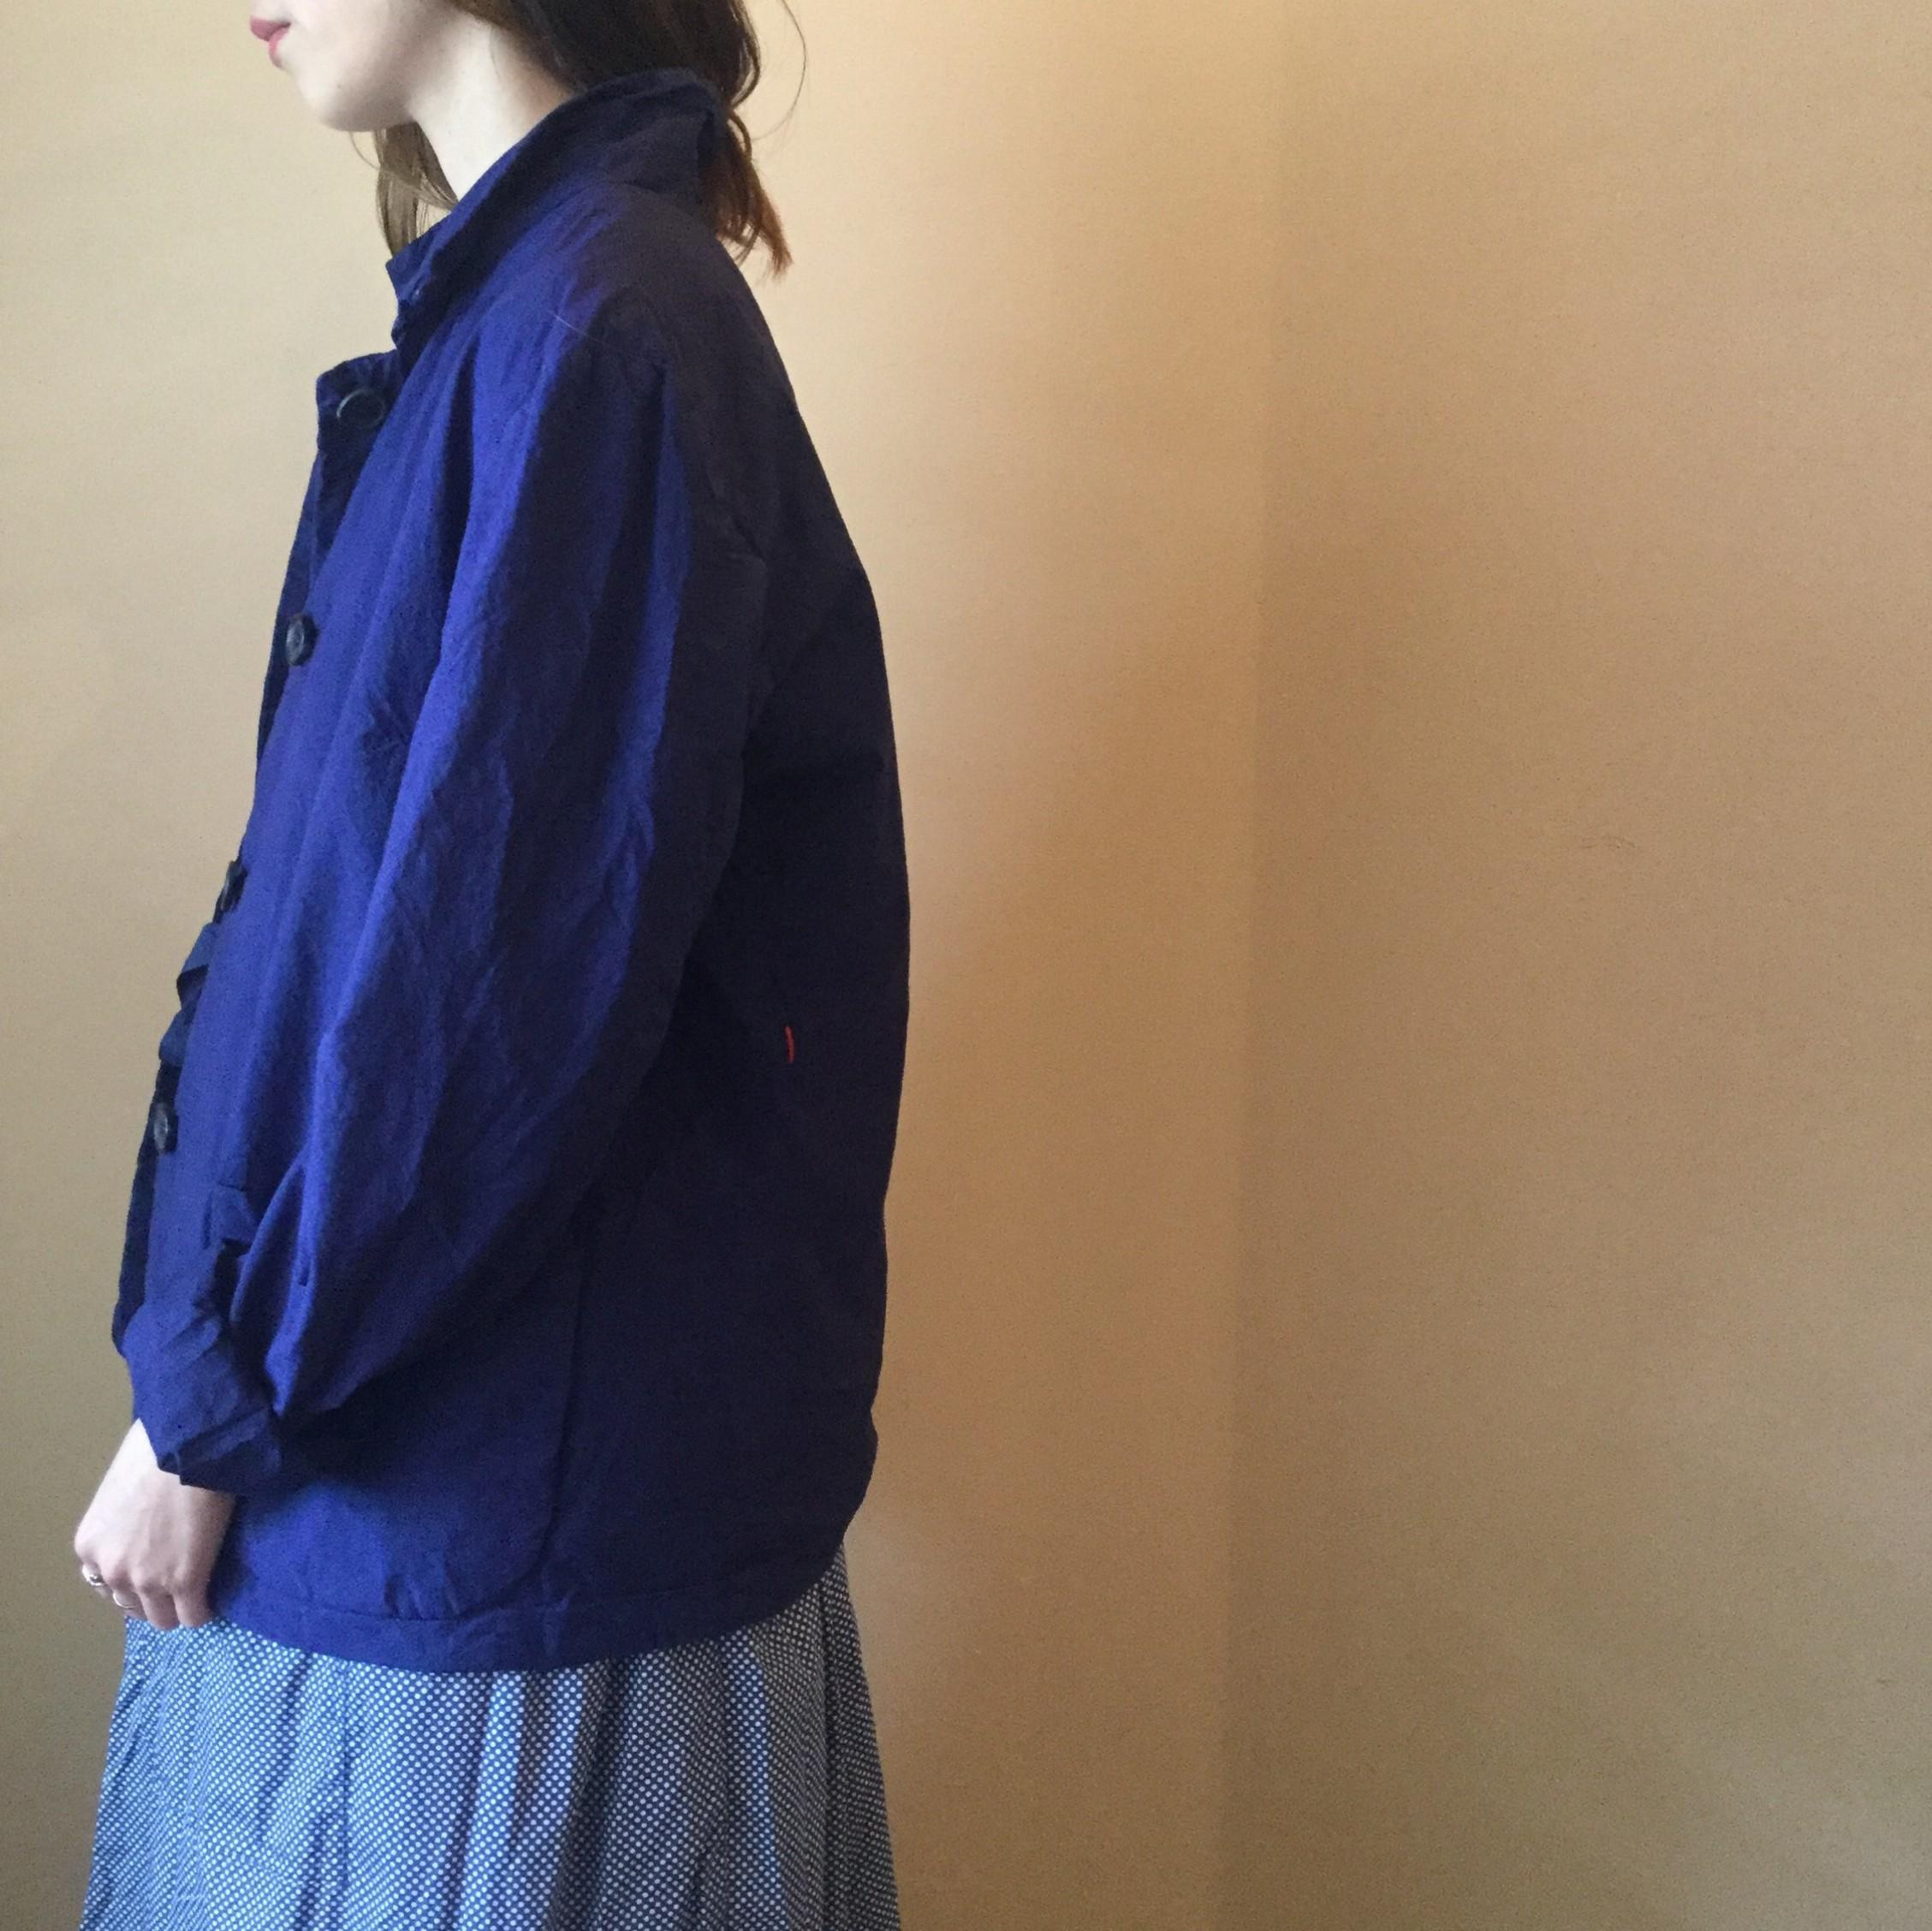 春夏caseycasey(ケーシーケーシー)の定番生地paper(ペーパー)を使用したエアエイジおすすめのダブルフェイスの4Bジャケットです